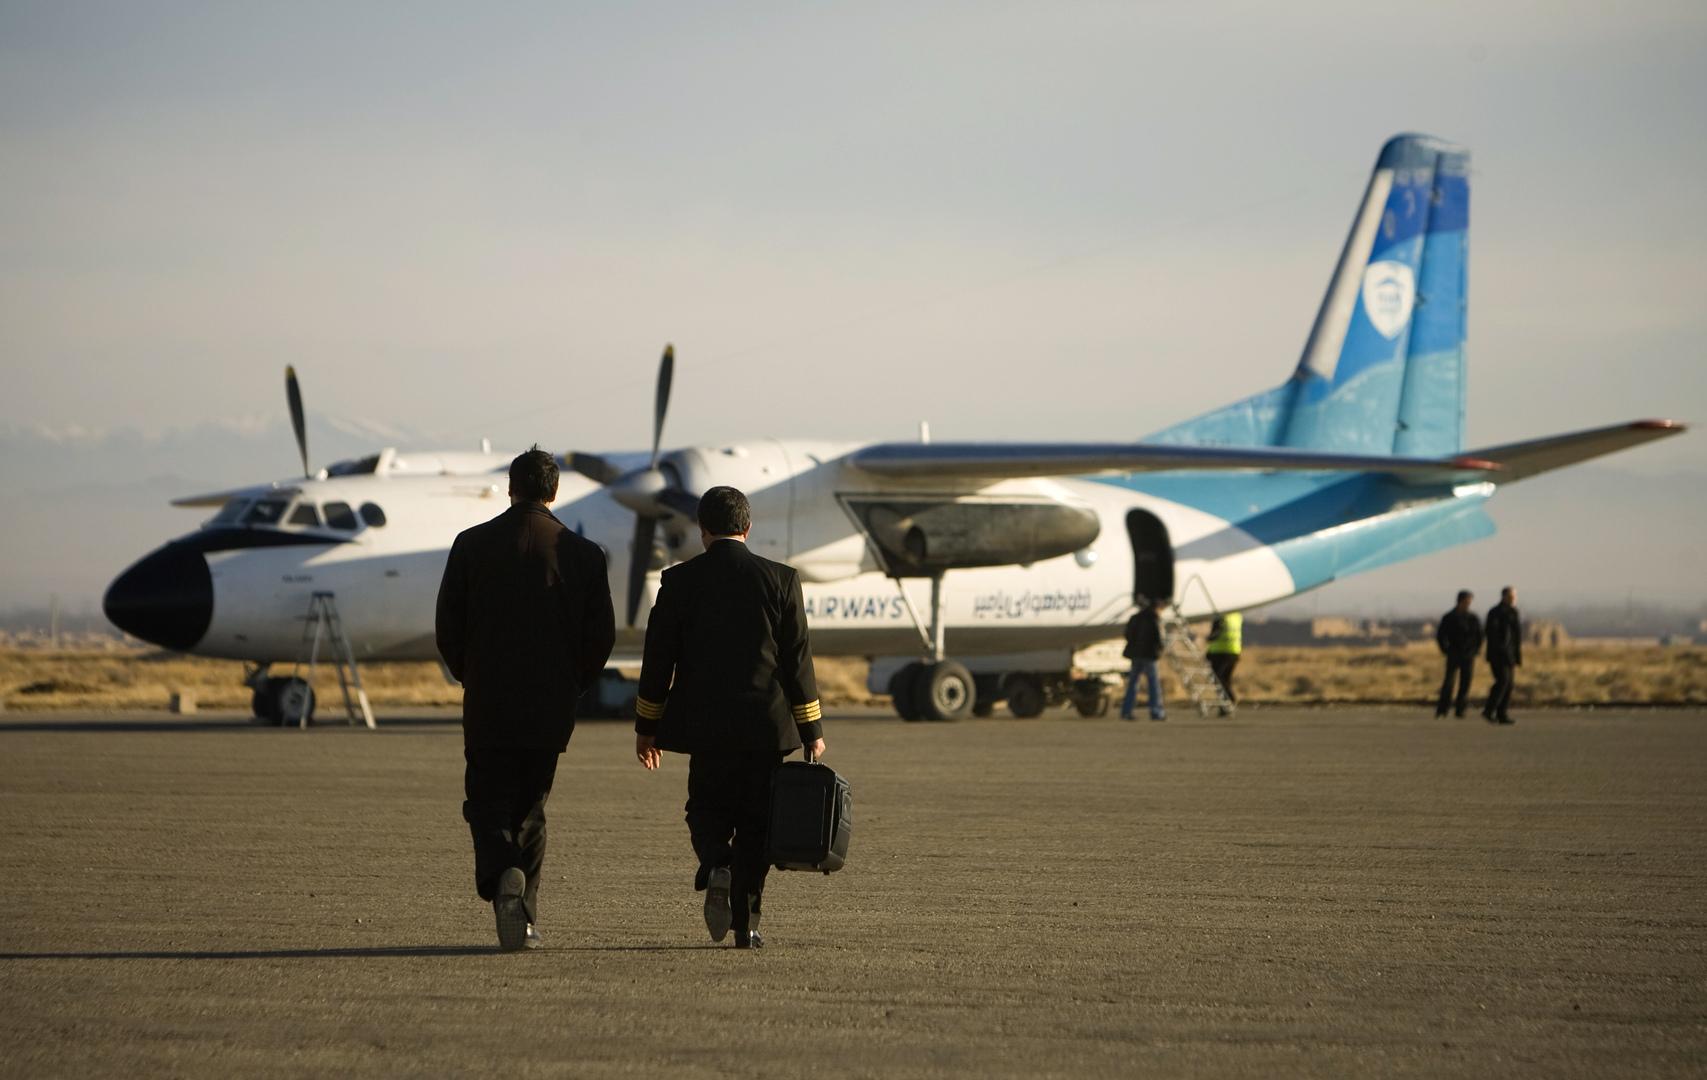 إحباط محاولة تفجير طائرة في أفغانستان باستعمال آلة موسيقية